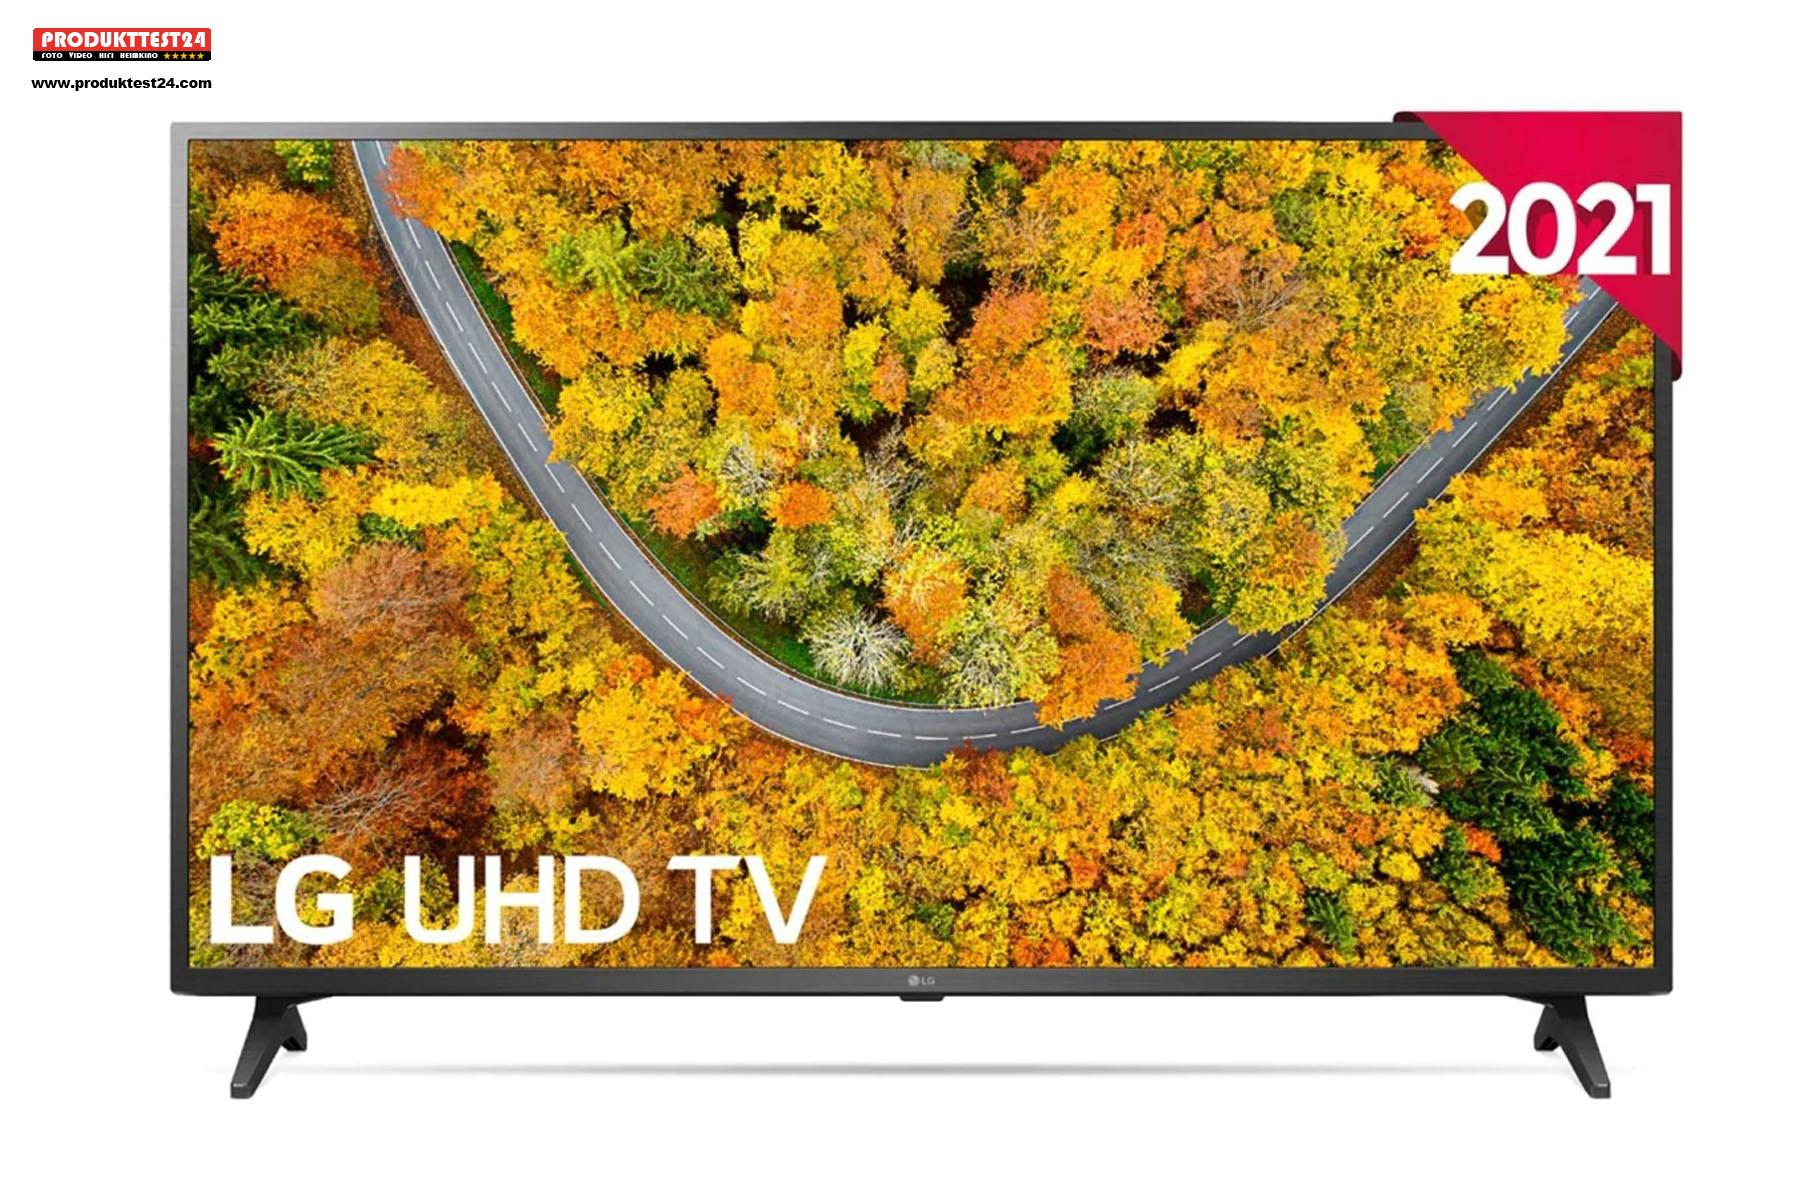 Das Bild des LG 55UP75009LF überzeugte im Test mit satten Farben